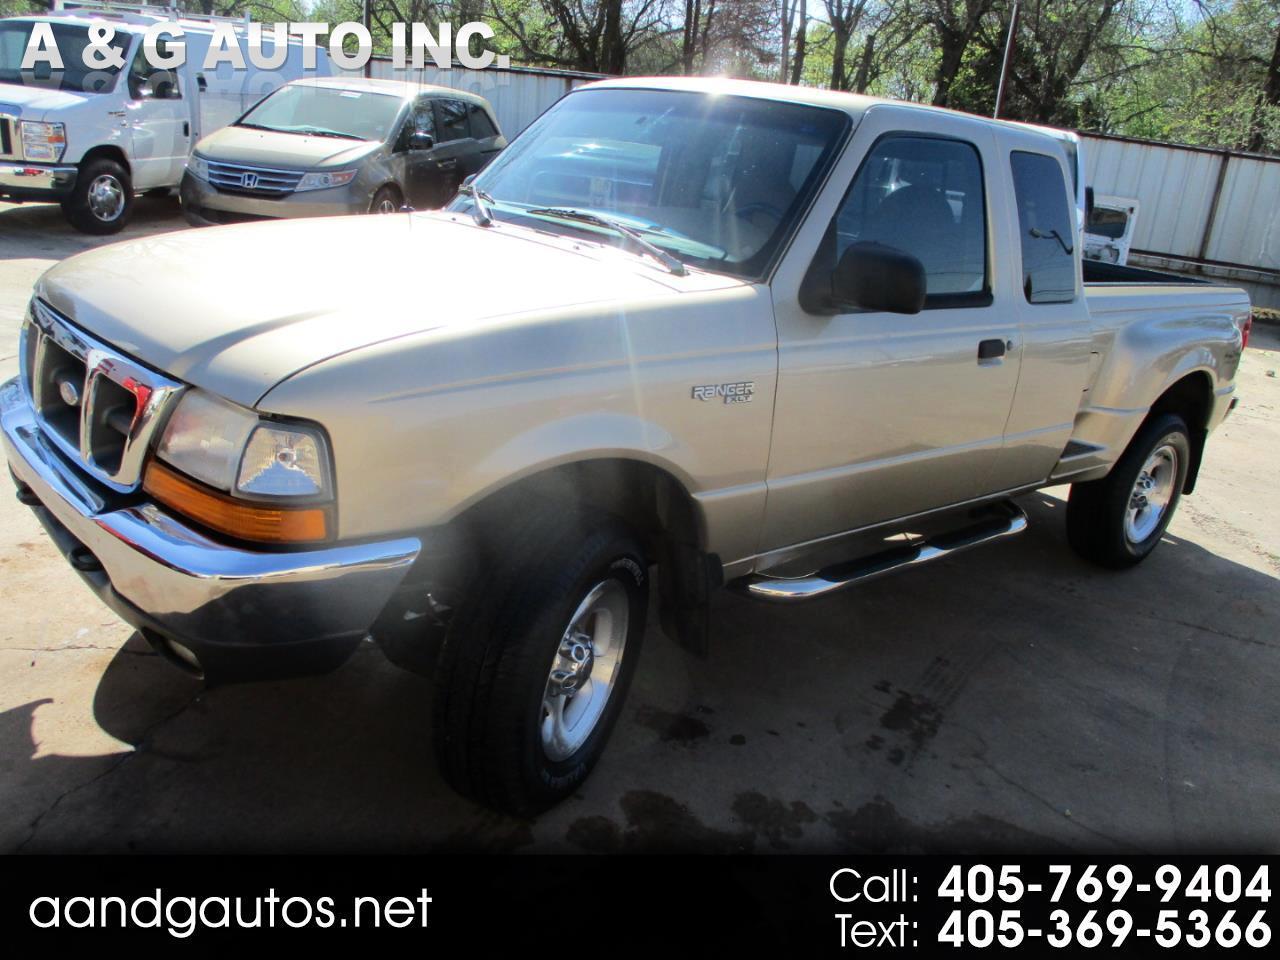 Ford Ranger  2000